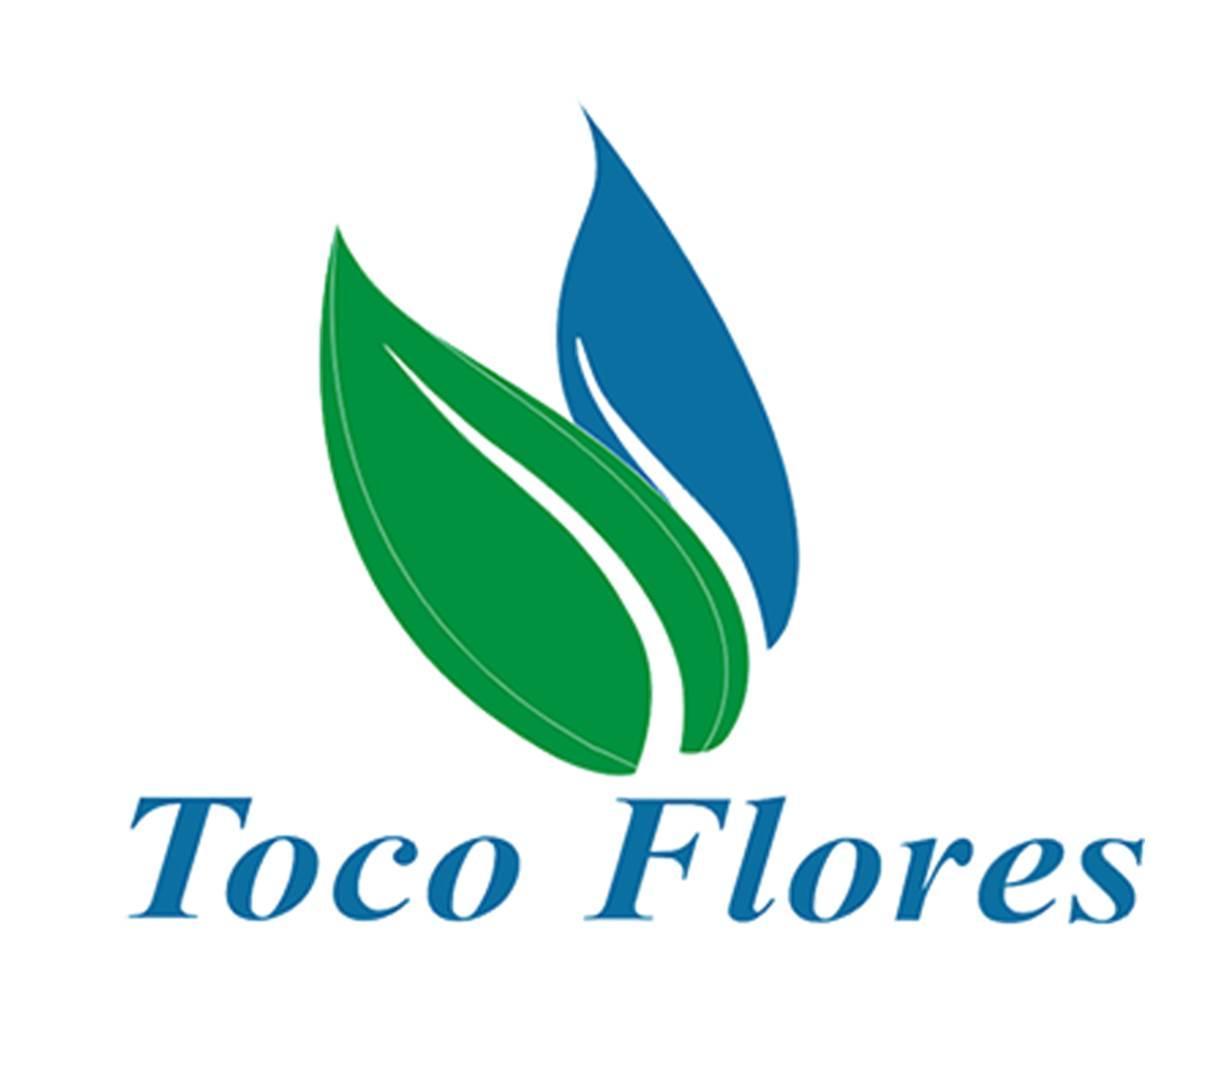 Logo Toco Flores